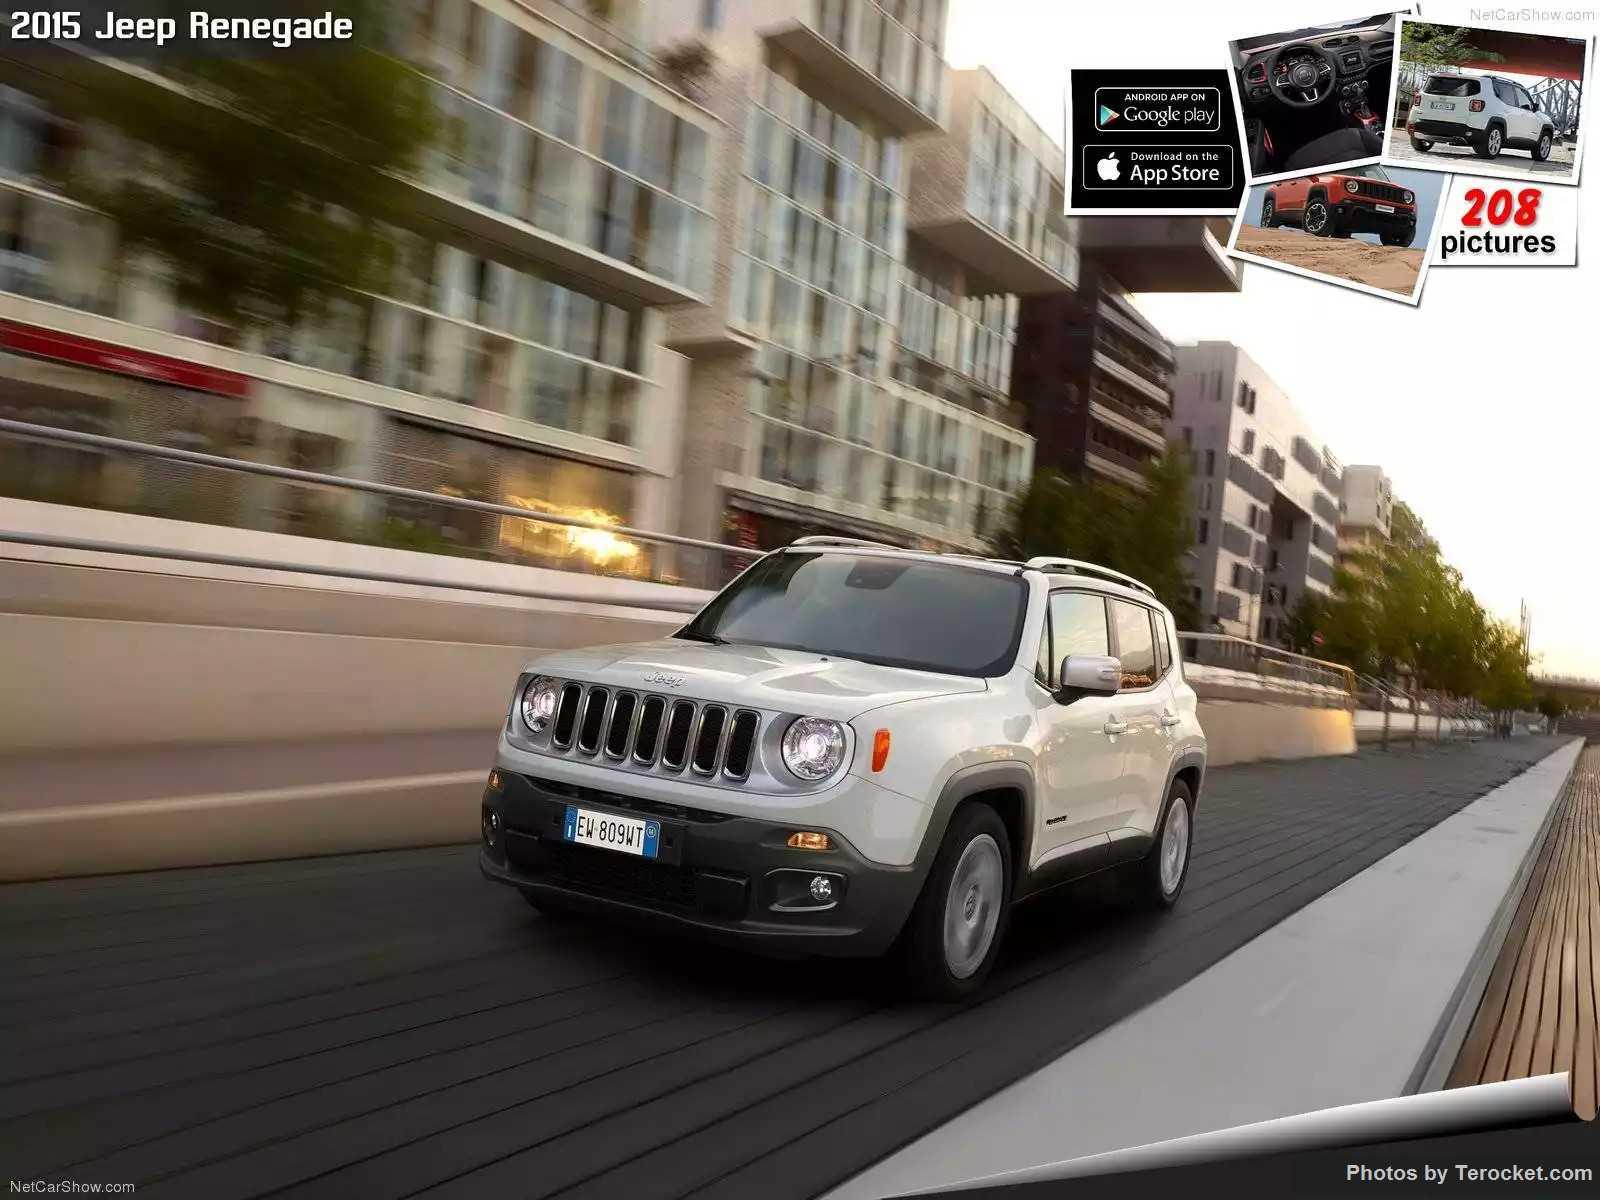 Hình ảnh xe ô tô Jeep Renegade 2015 & nội ngoại thất